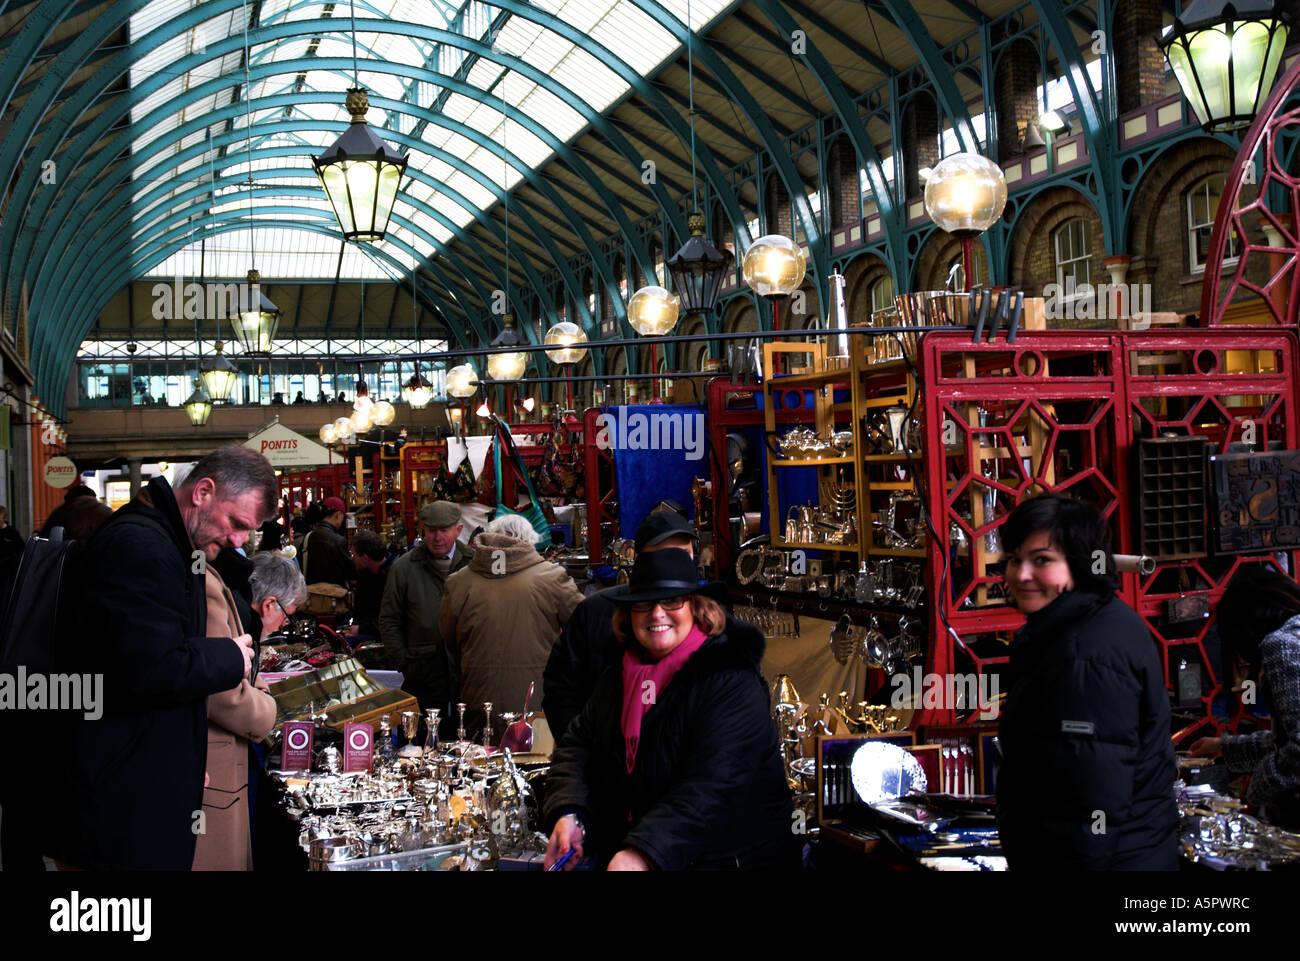 b8a6816749 Covent Garden Antique Market Covent Garden Area London Stock Photo ...